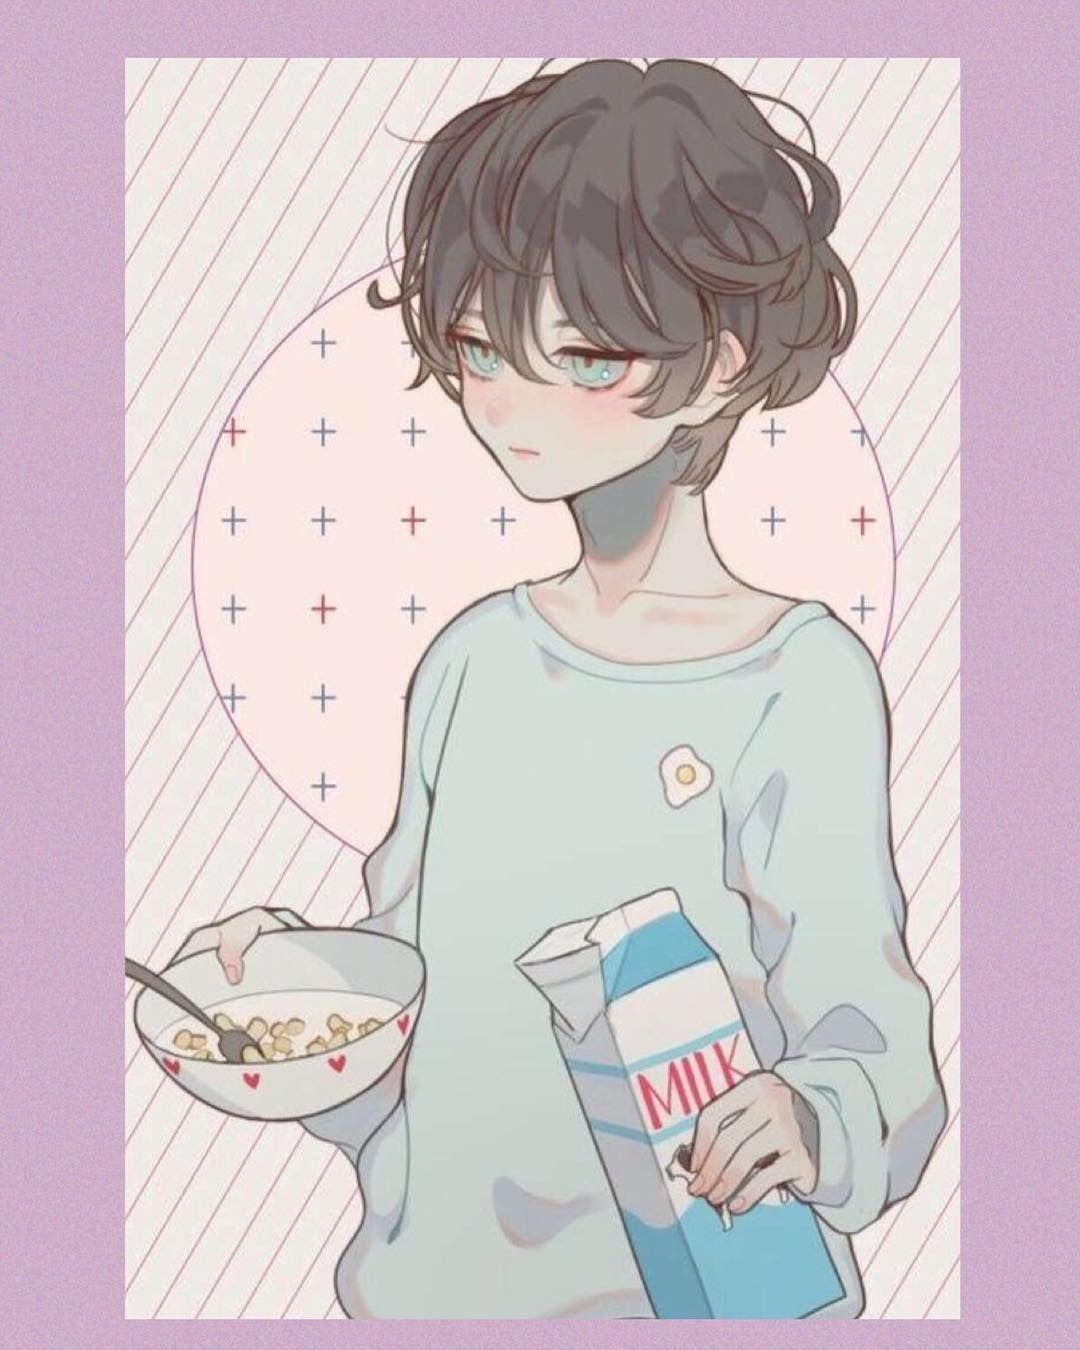 Spacer Notmywork Tumblrart Art Kawaiiboy Cerealandmilk Kawaii Anime Drawings Boy Cute Anime Boy Anime Boy